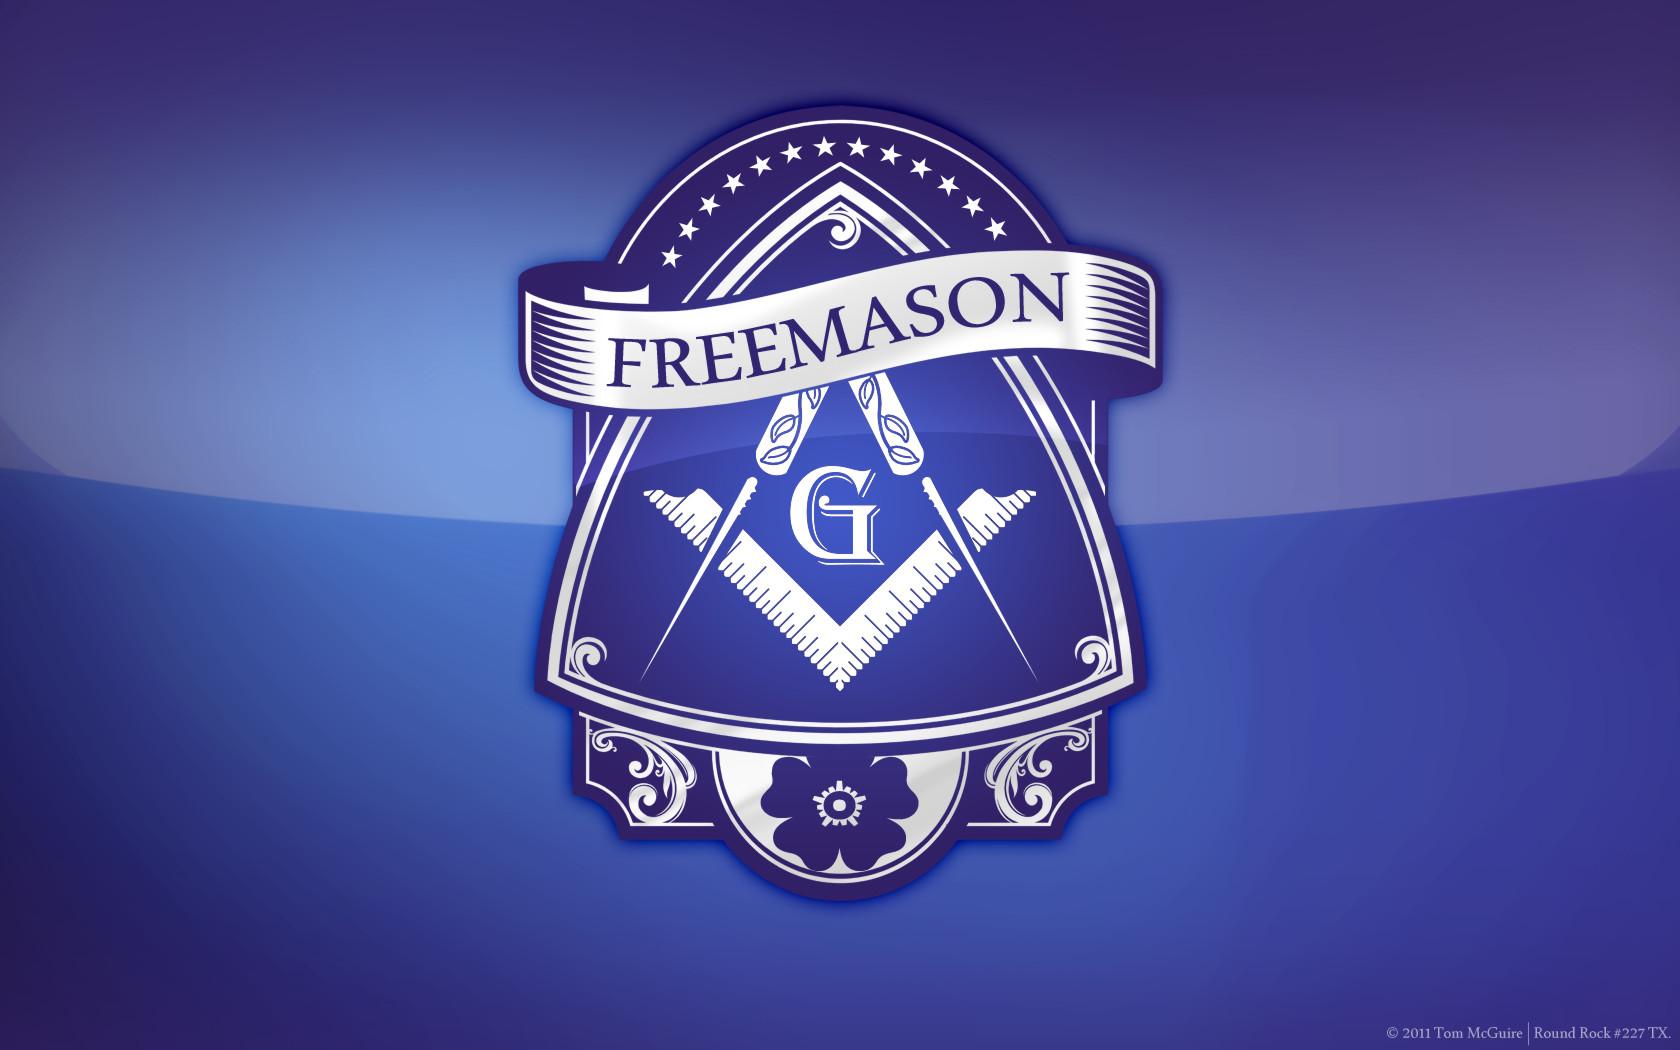 Freemasons – secret society